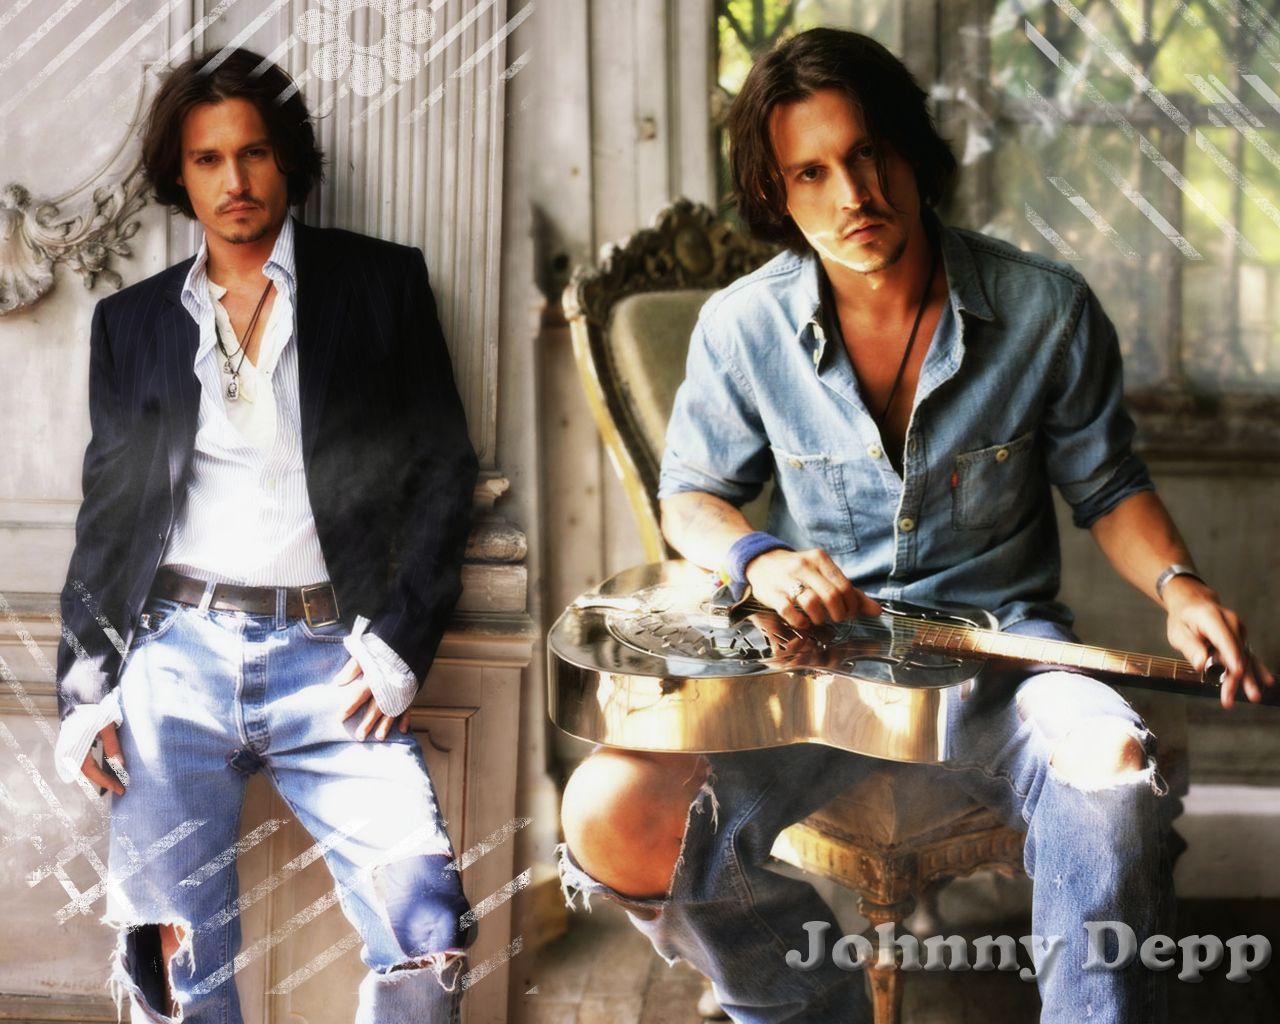 http://1.bp.blogspot.com/_MZeh3uFaOnI/TBYKmcuTP4I/AAAAAAAAG5U/wfW57IHekI4/s1600/johnny_depp_guitar_B-327654.jpeg